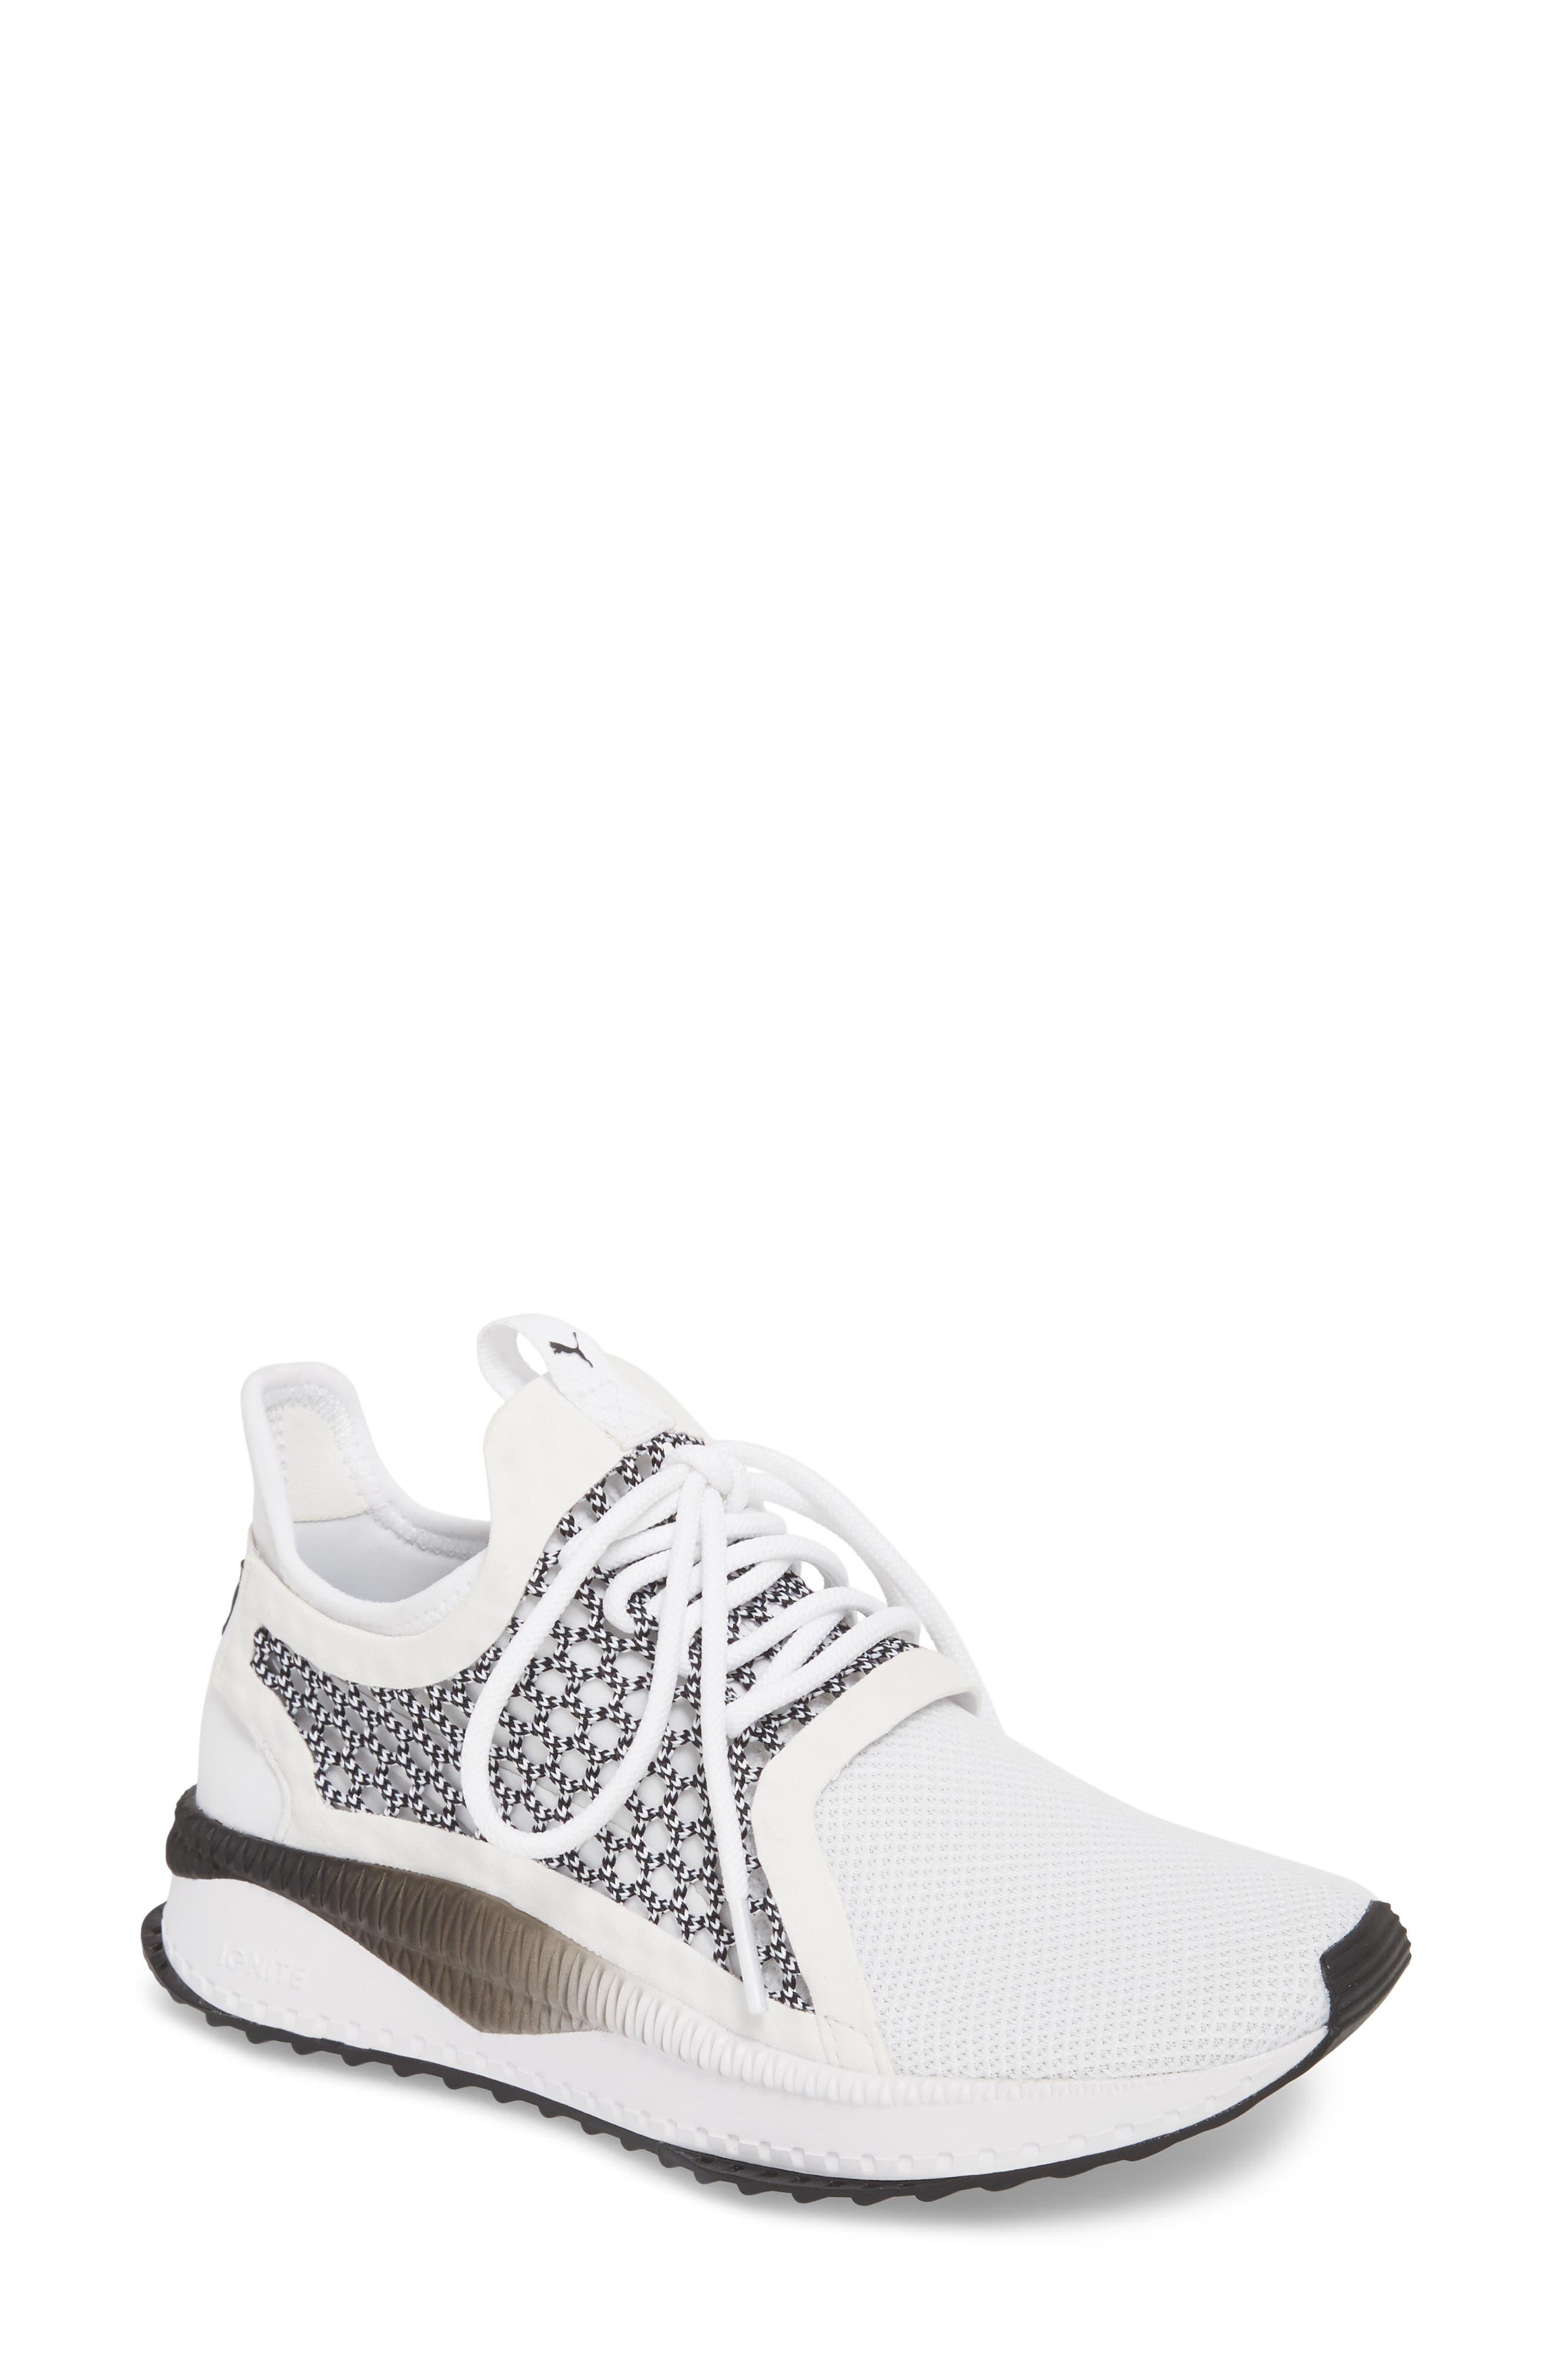 Tsugi Netfit evoKNIT Training Shoe,                             Main thumbnail 1, color,                             White/ Black